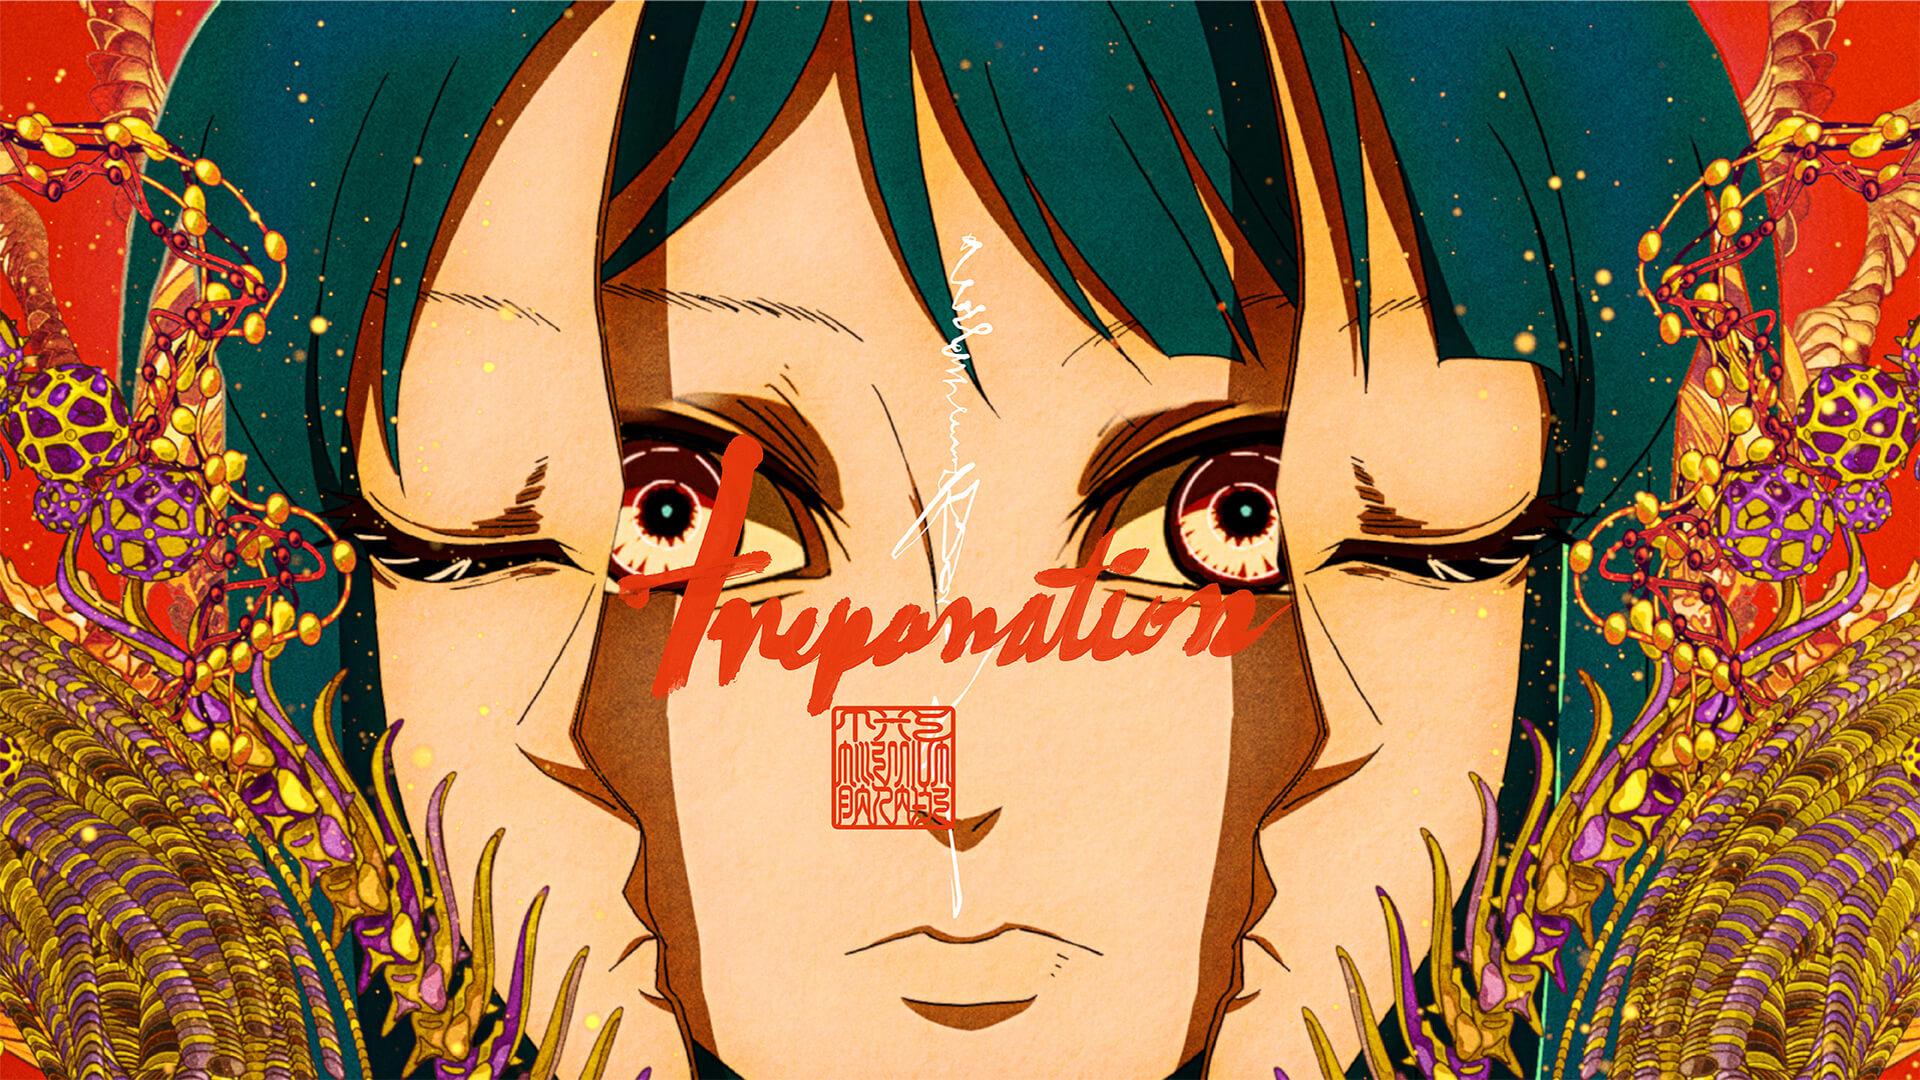 """millennium parade""""Trepanation""""のMVがプレミア公開決定!綾野剛主演『ホムンクルス』がNetflixで配信スタート music210422_millenniumparade_2"""